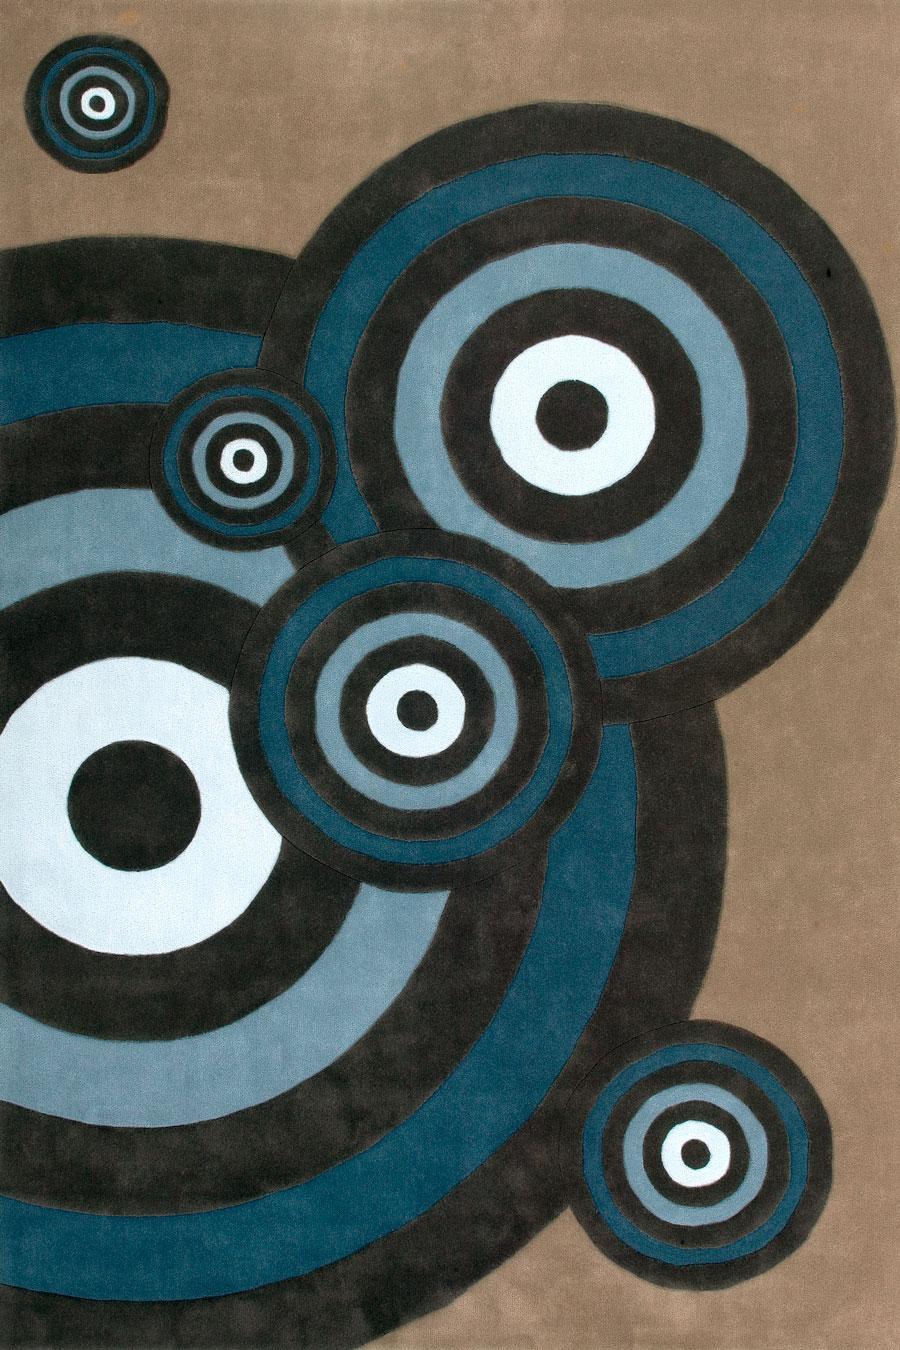 Overhead image of geometric Milton rug